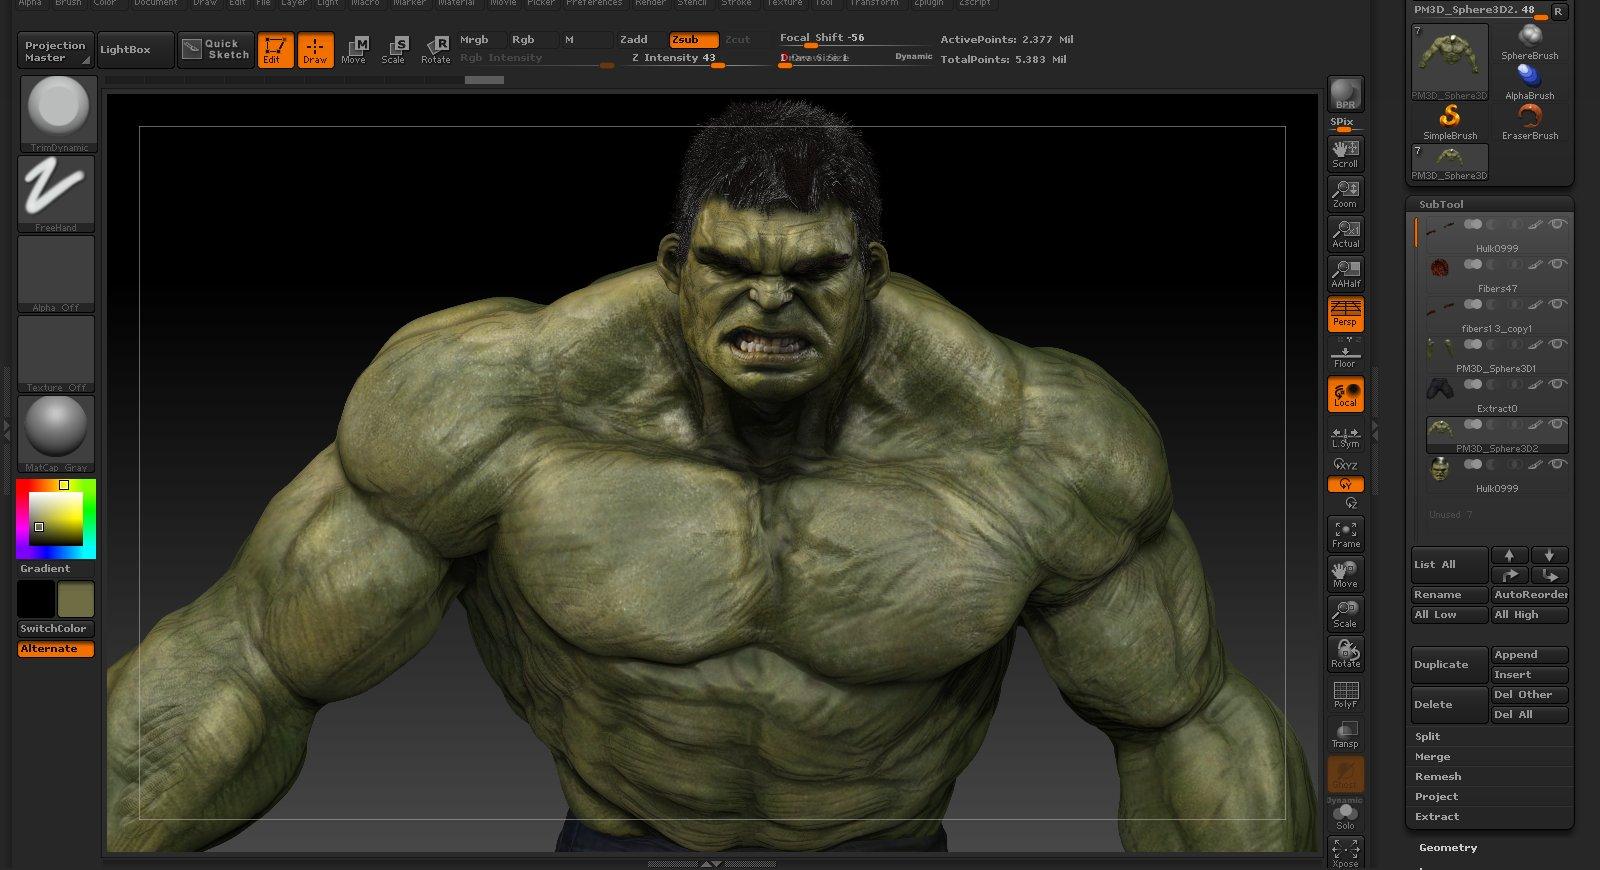 Hulk : WIP